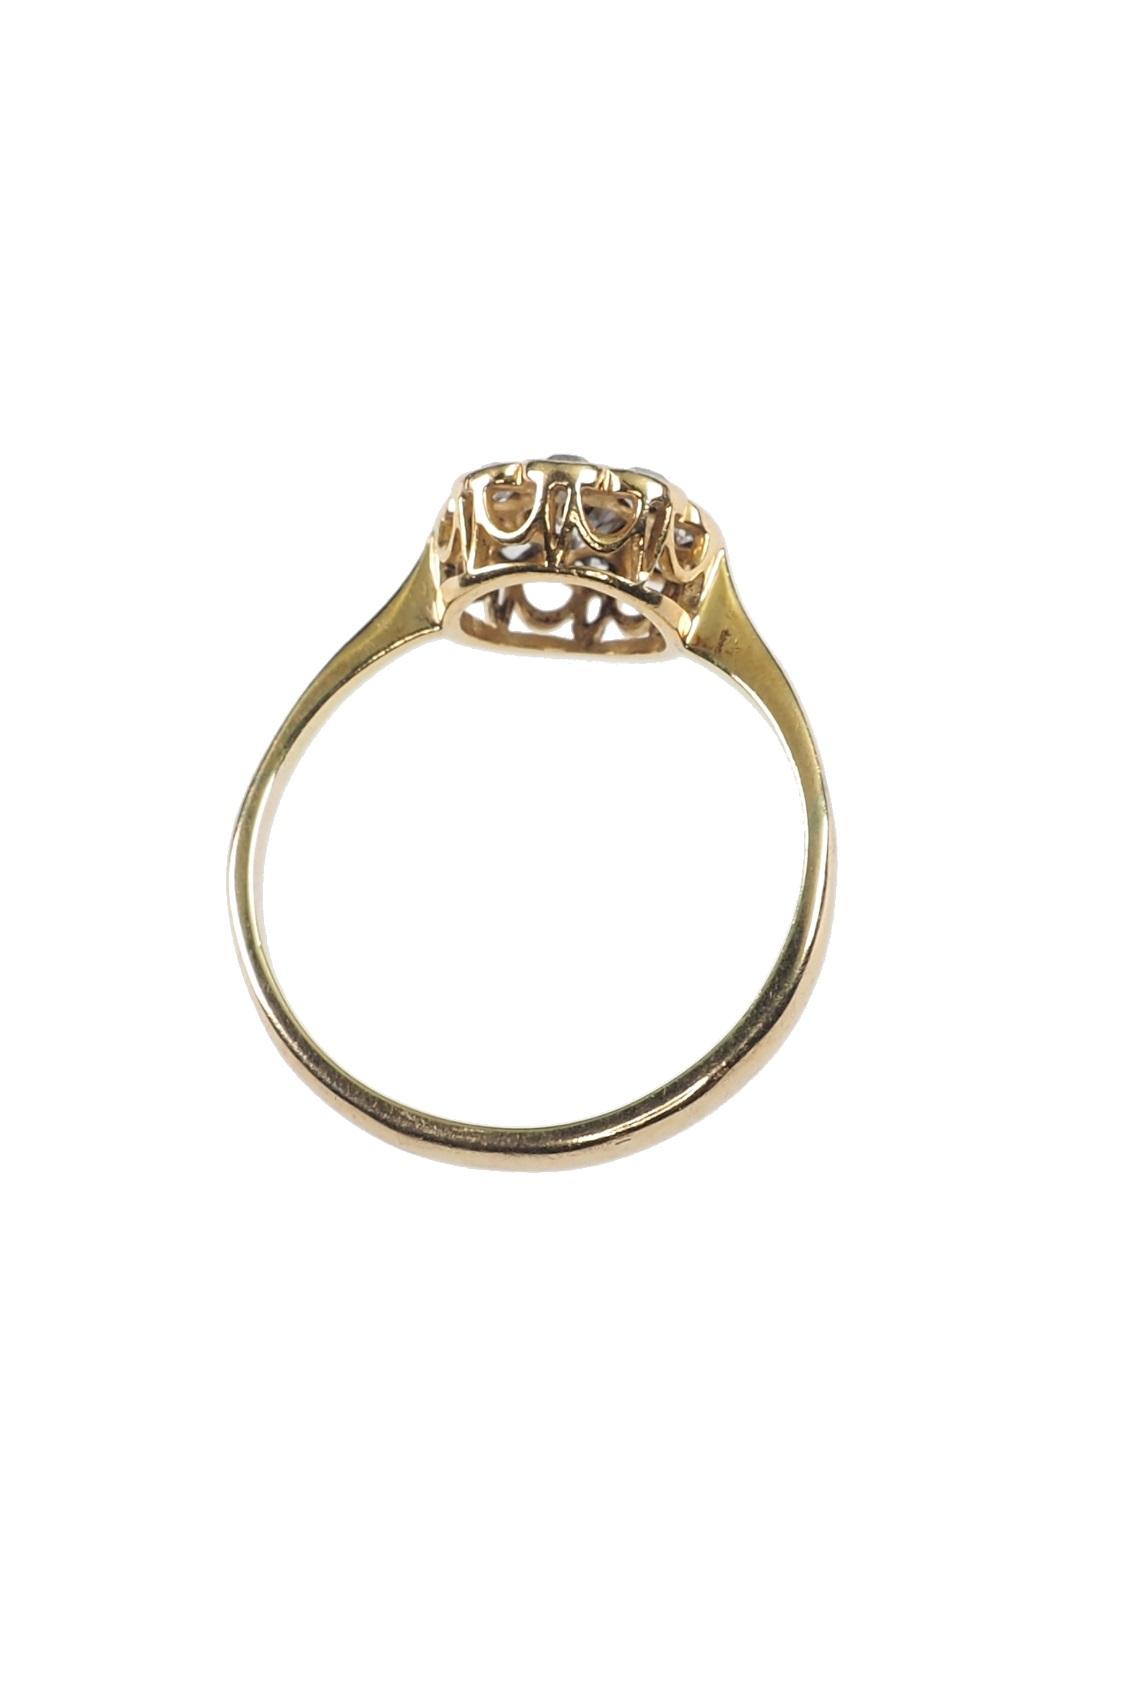 Verlobungsringe-online-kaufen-2599b